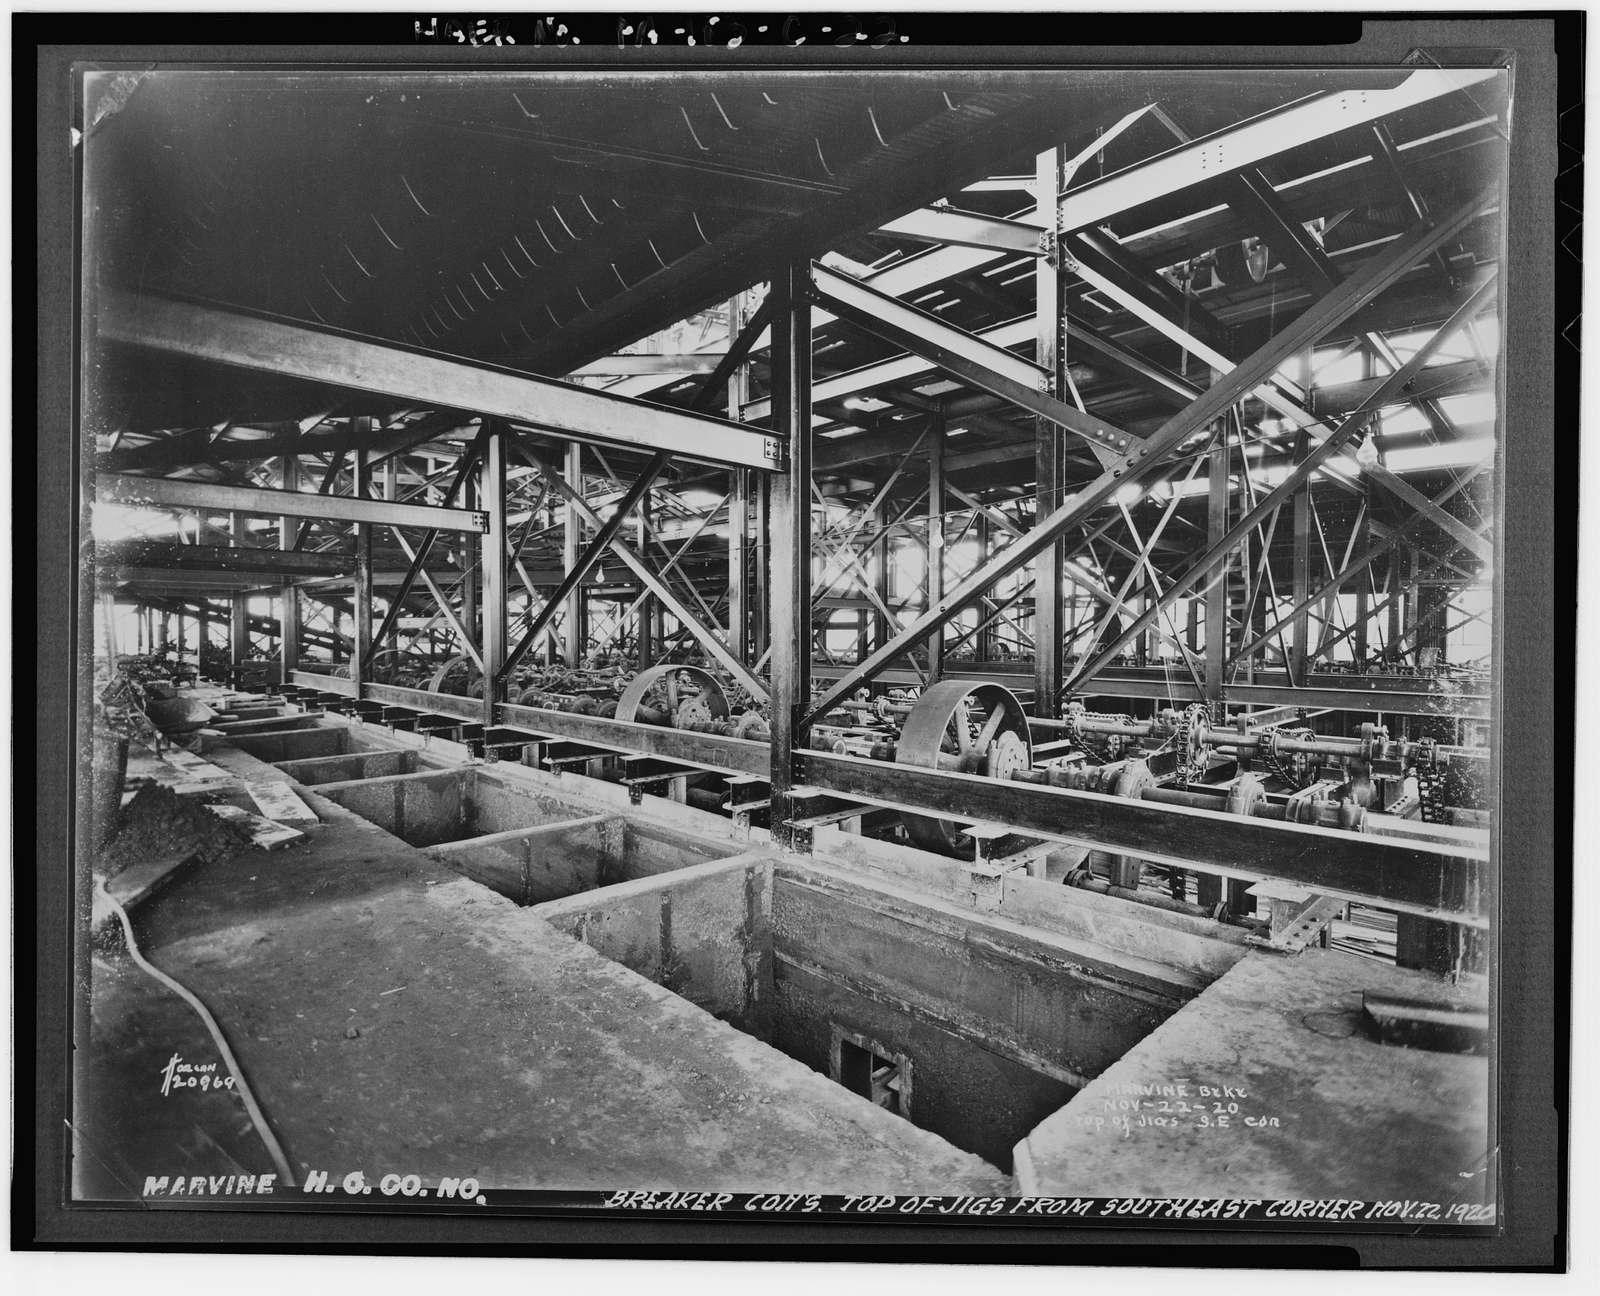 Marvine Colliery, Breaker No. 2, West side Boulevard Avenue, between East Parker Street & Route 380, Scranton, Lackawanna County, PA